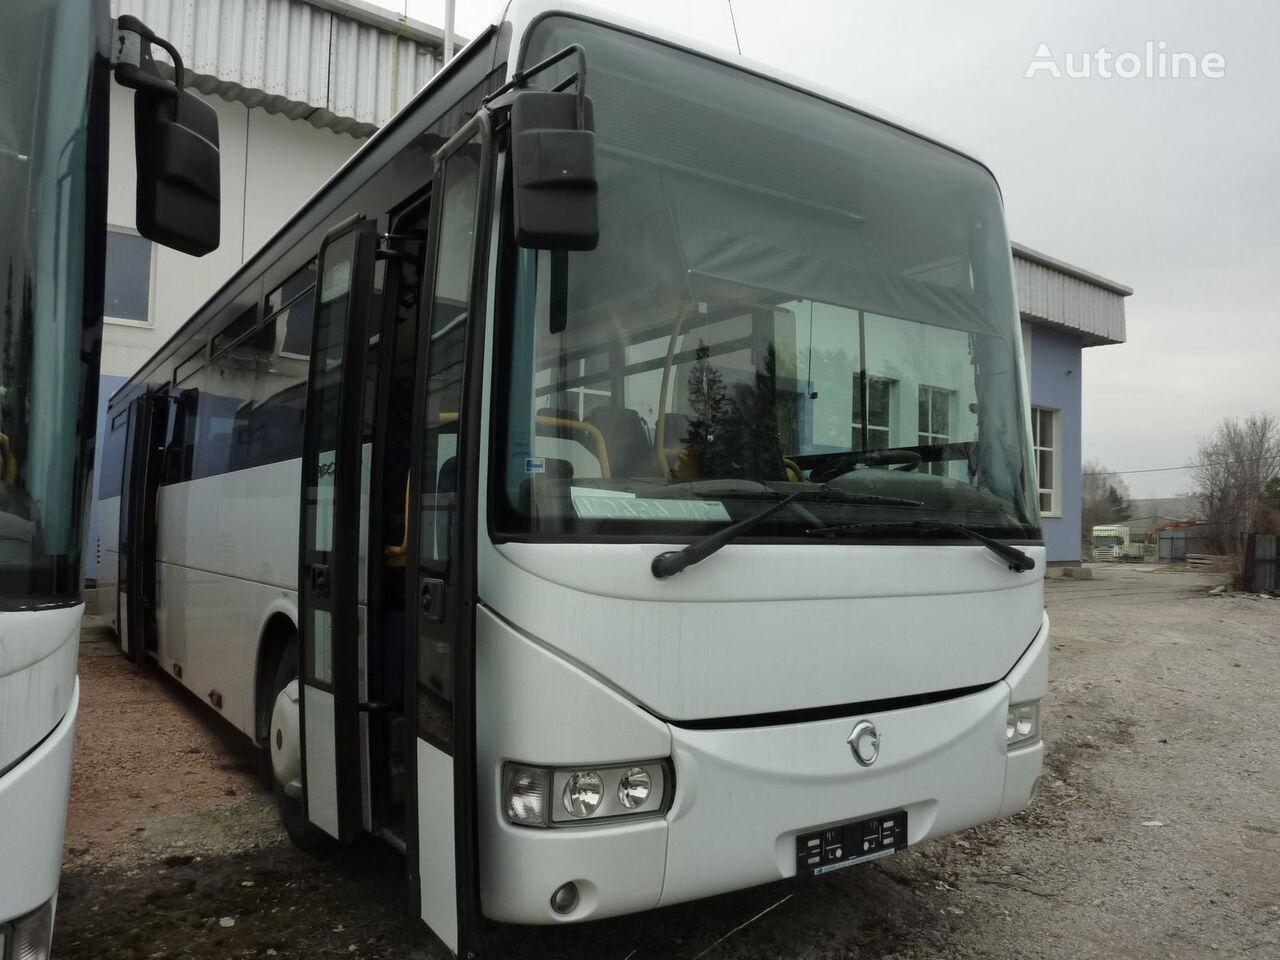 Vente des bus interurbains irisbus crossway autobus for Vente de neuf